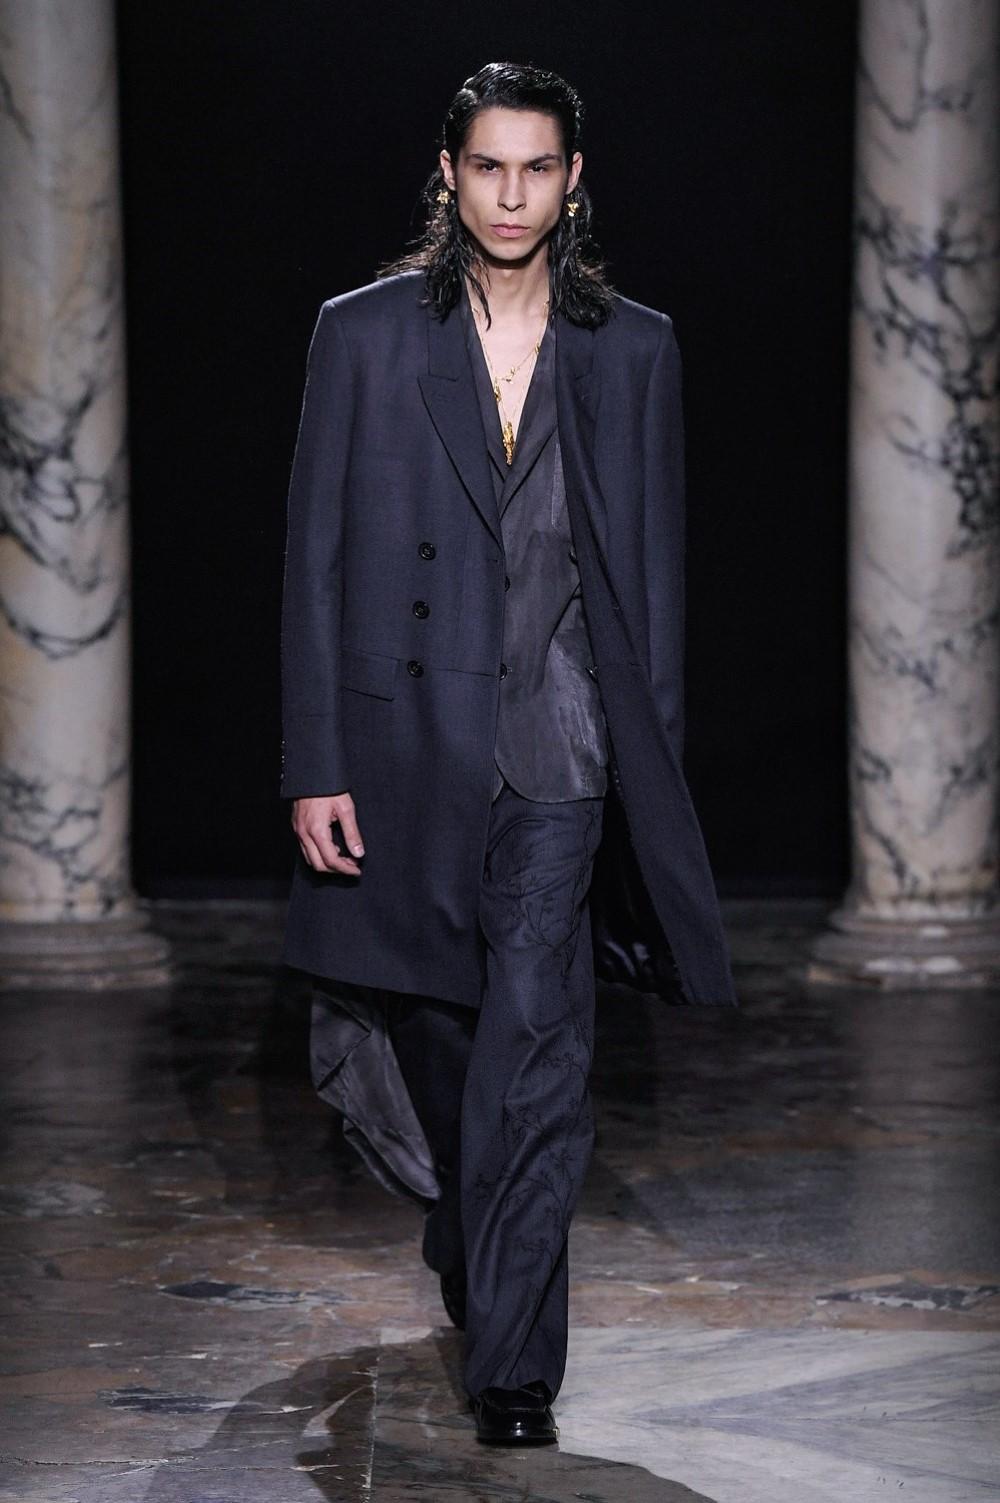 Rochas Homme - Automne-Hiver 2020-2021 - Paris Fashion Week